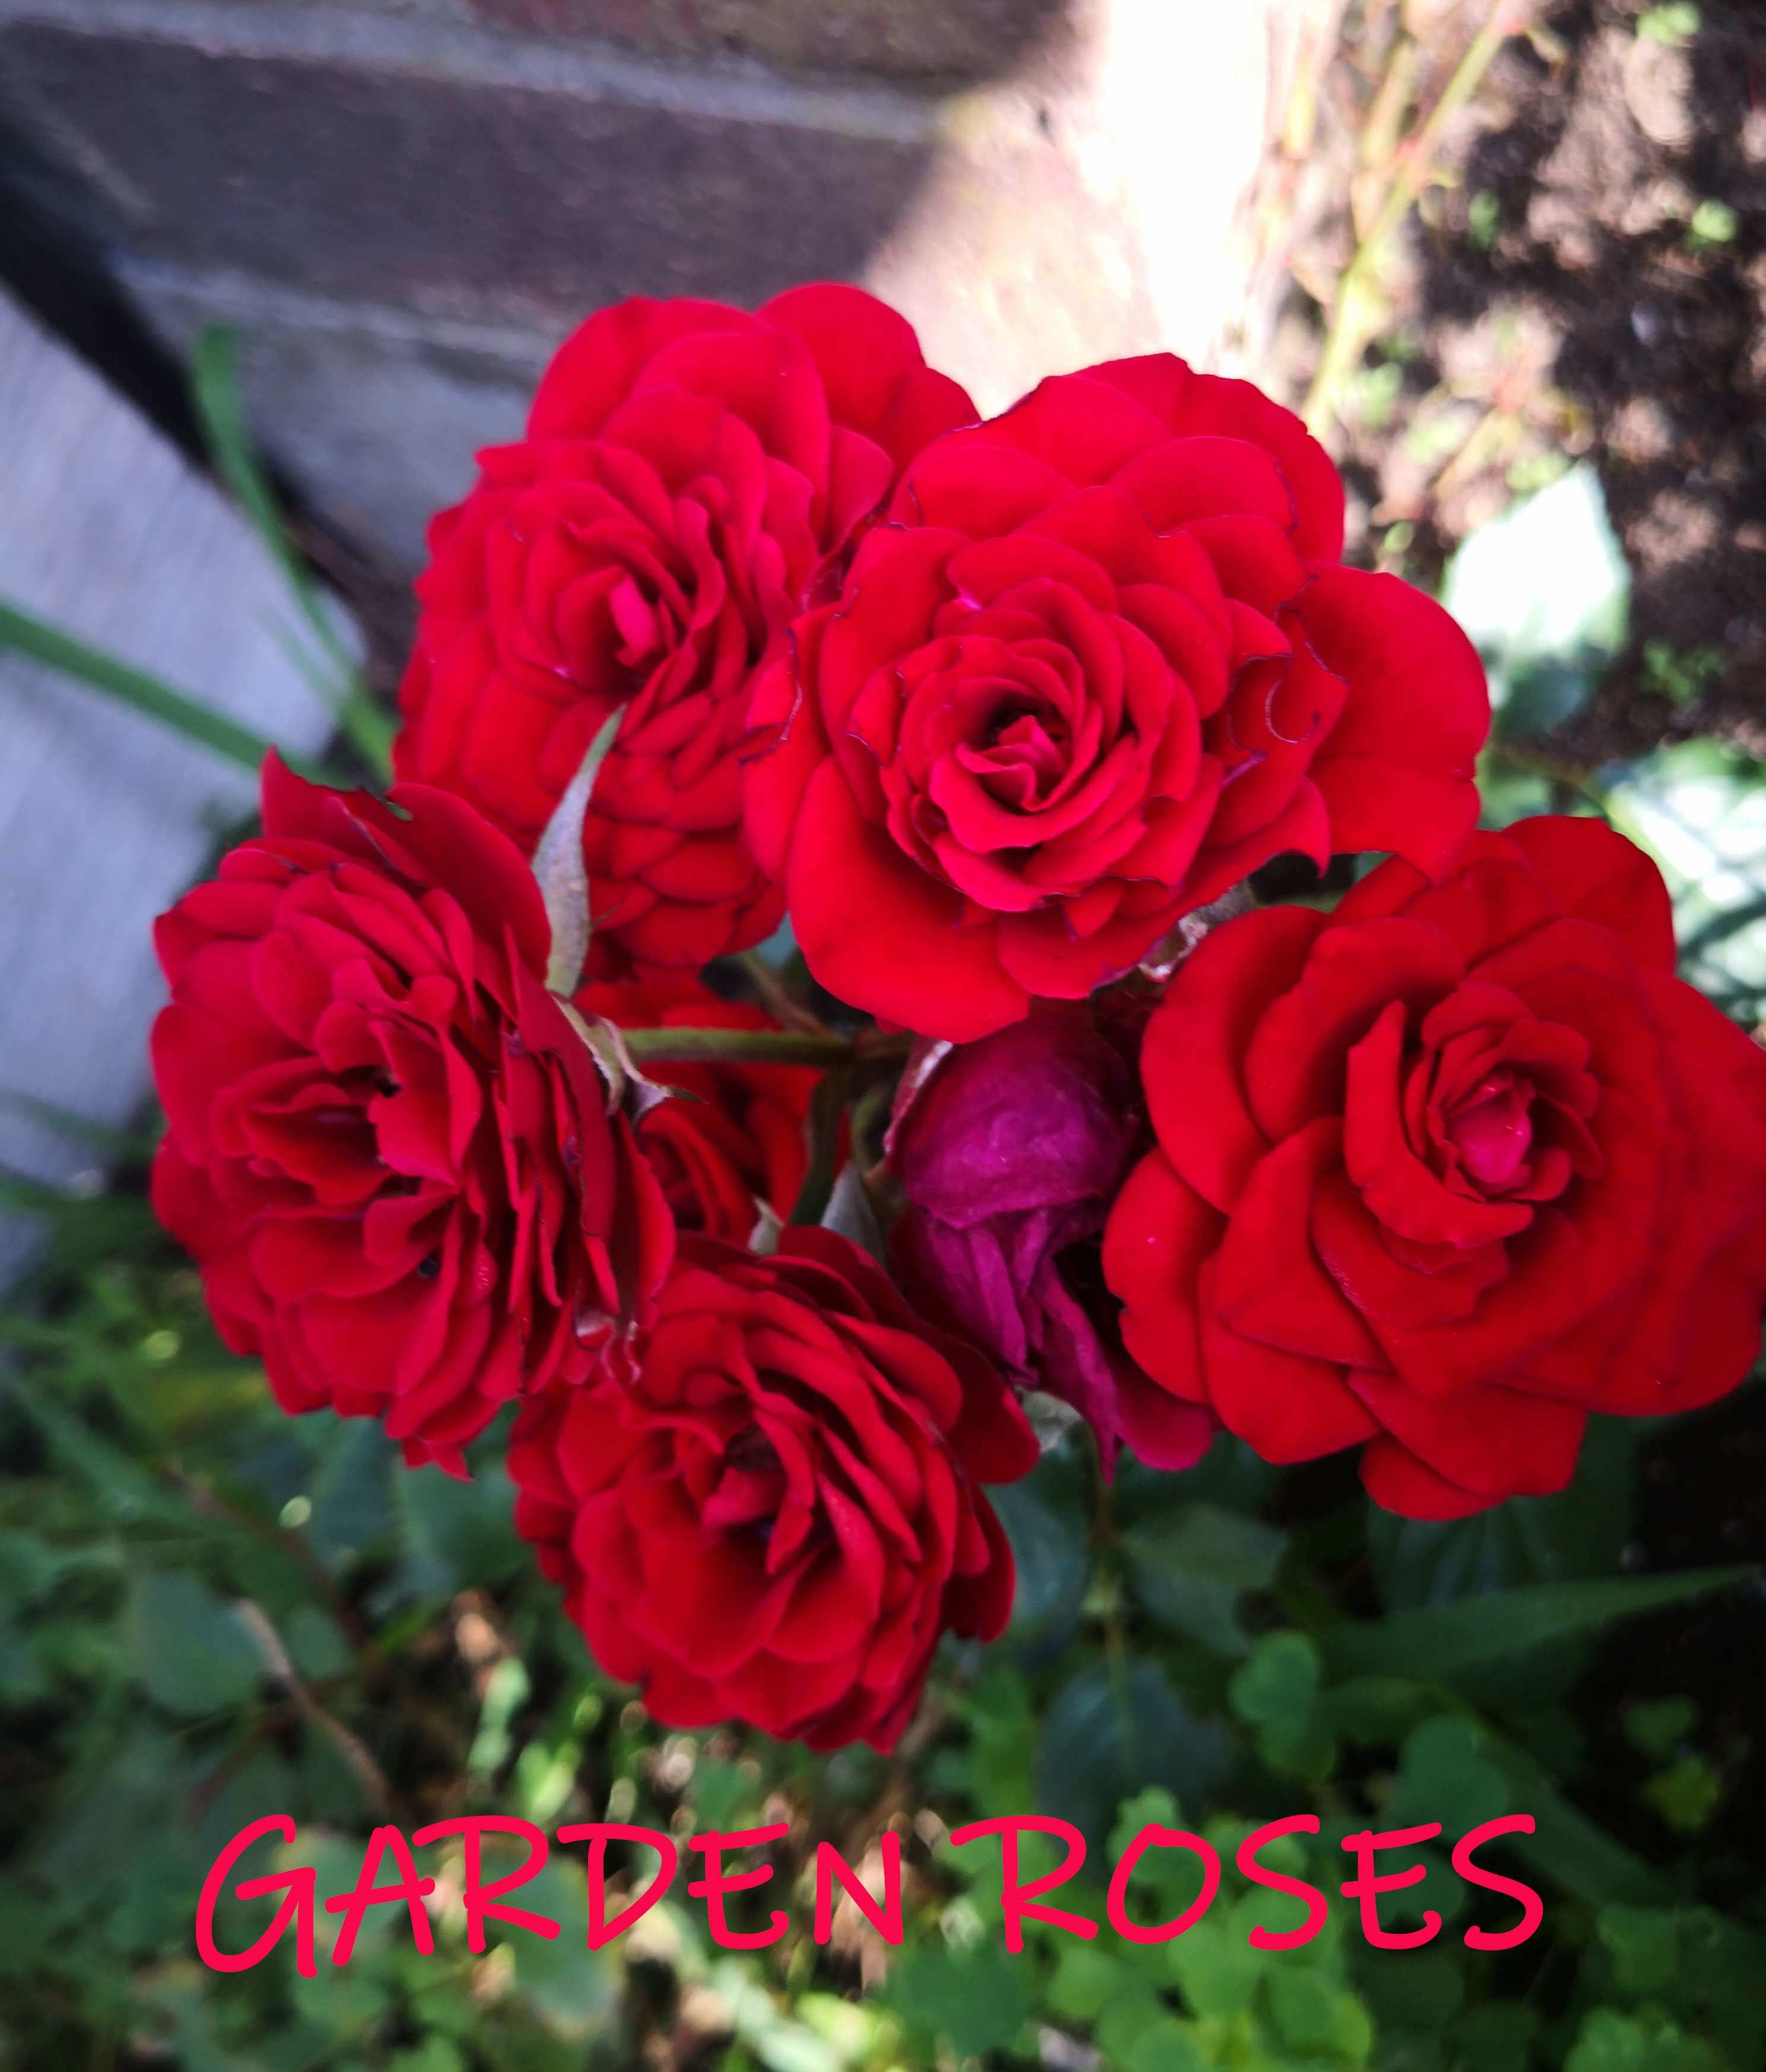 Garden Red Roses #gardenroses #redroses #roses #flower